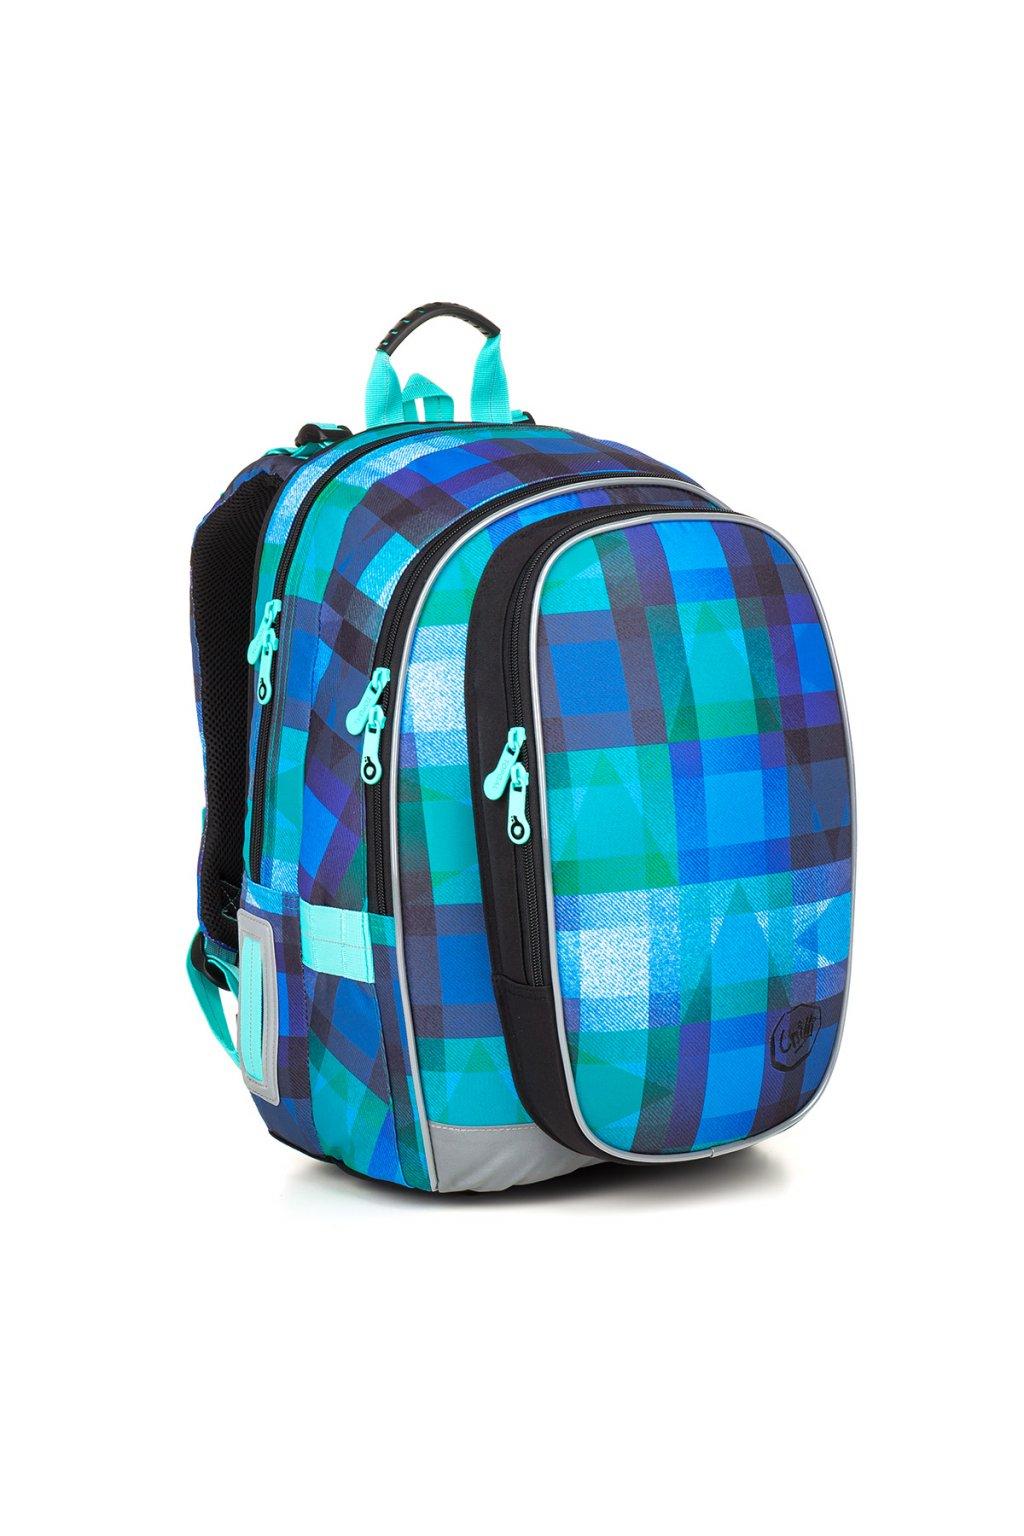 chlapecký školní batoh topgal mira 18014 b